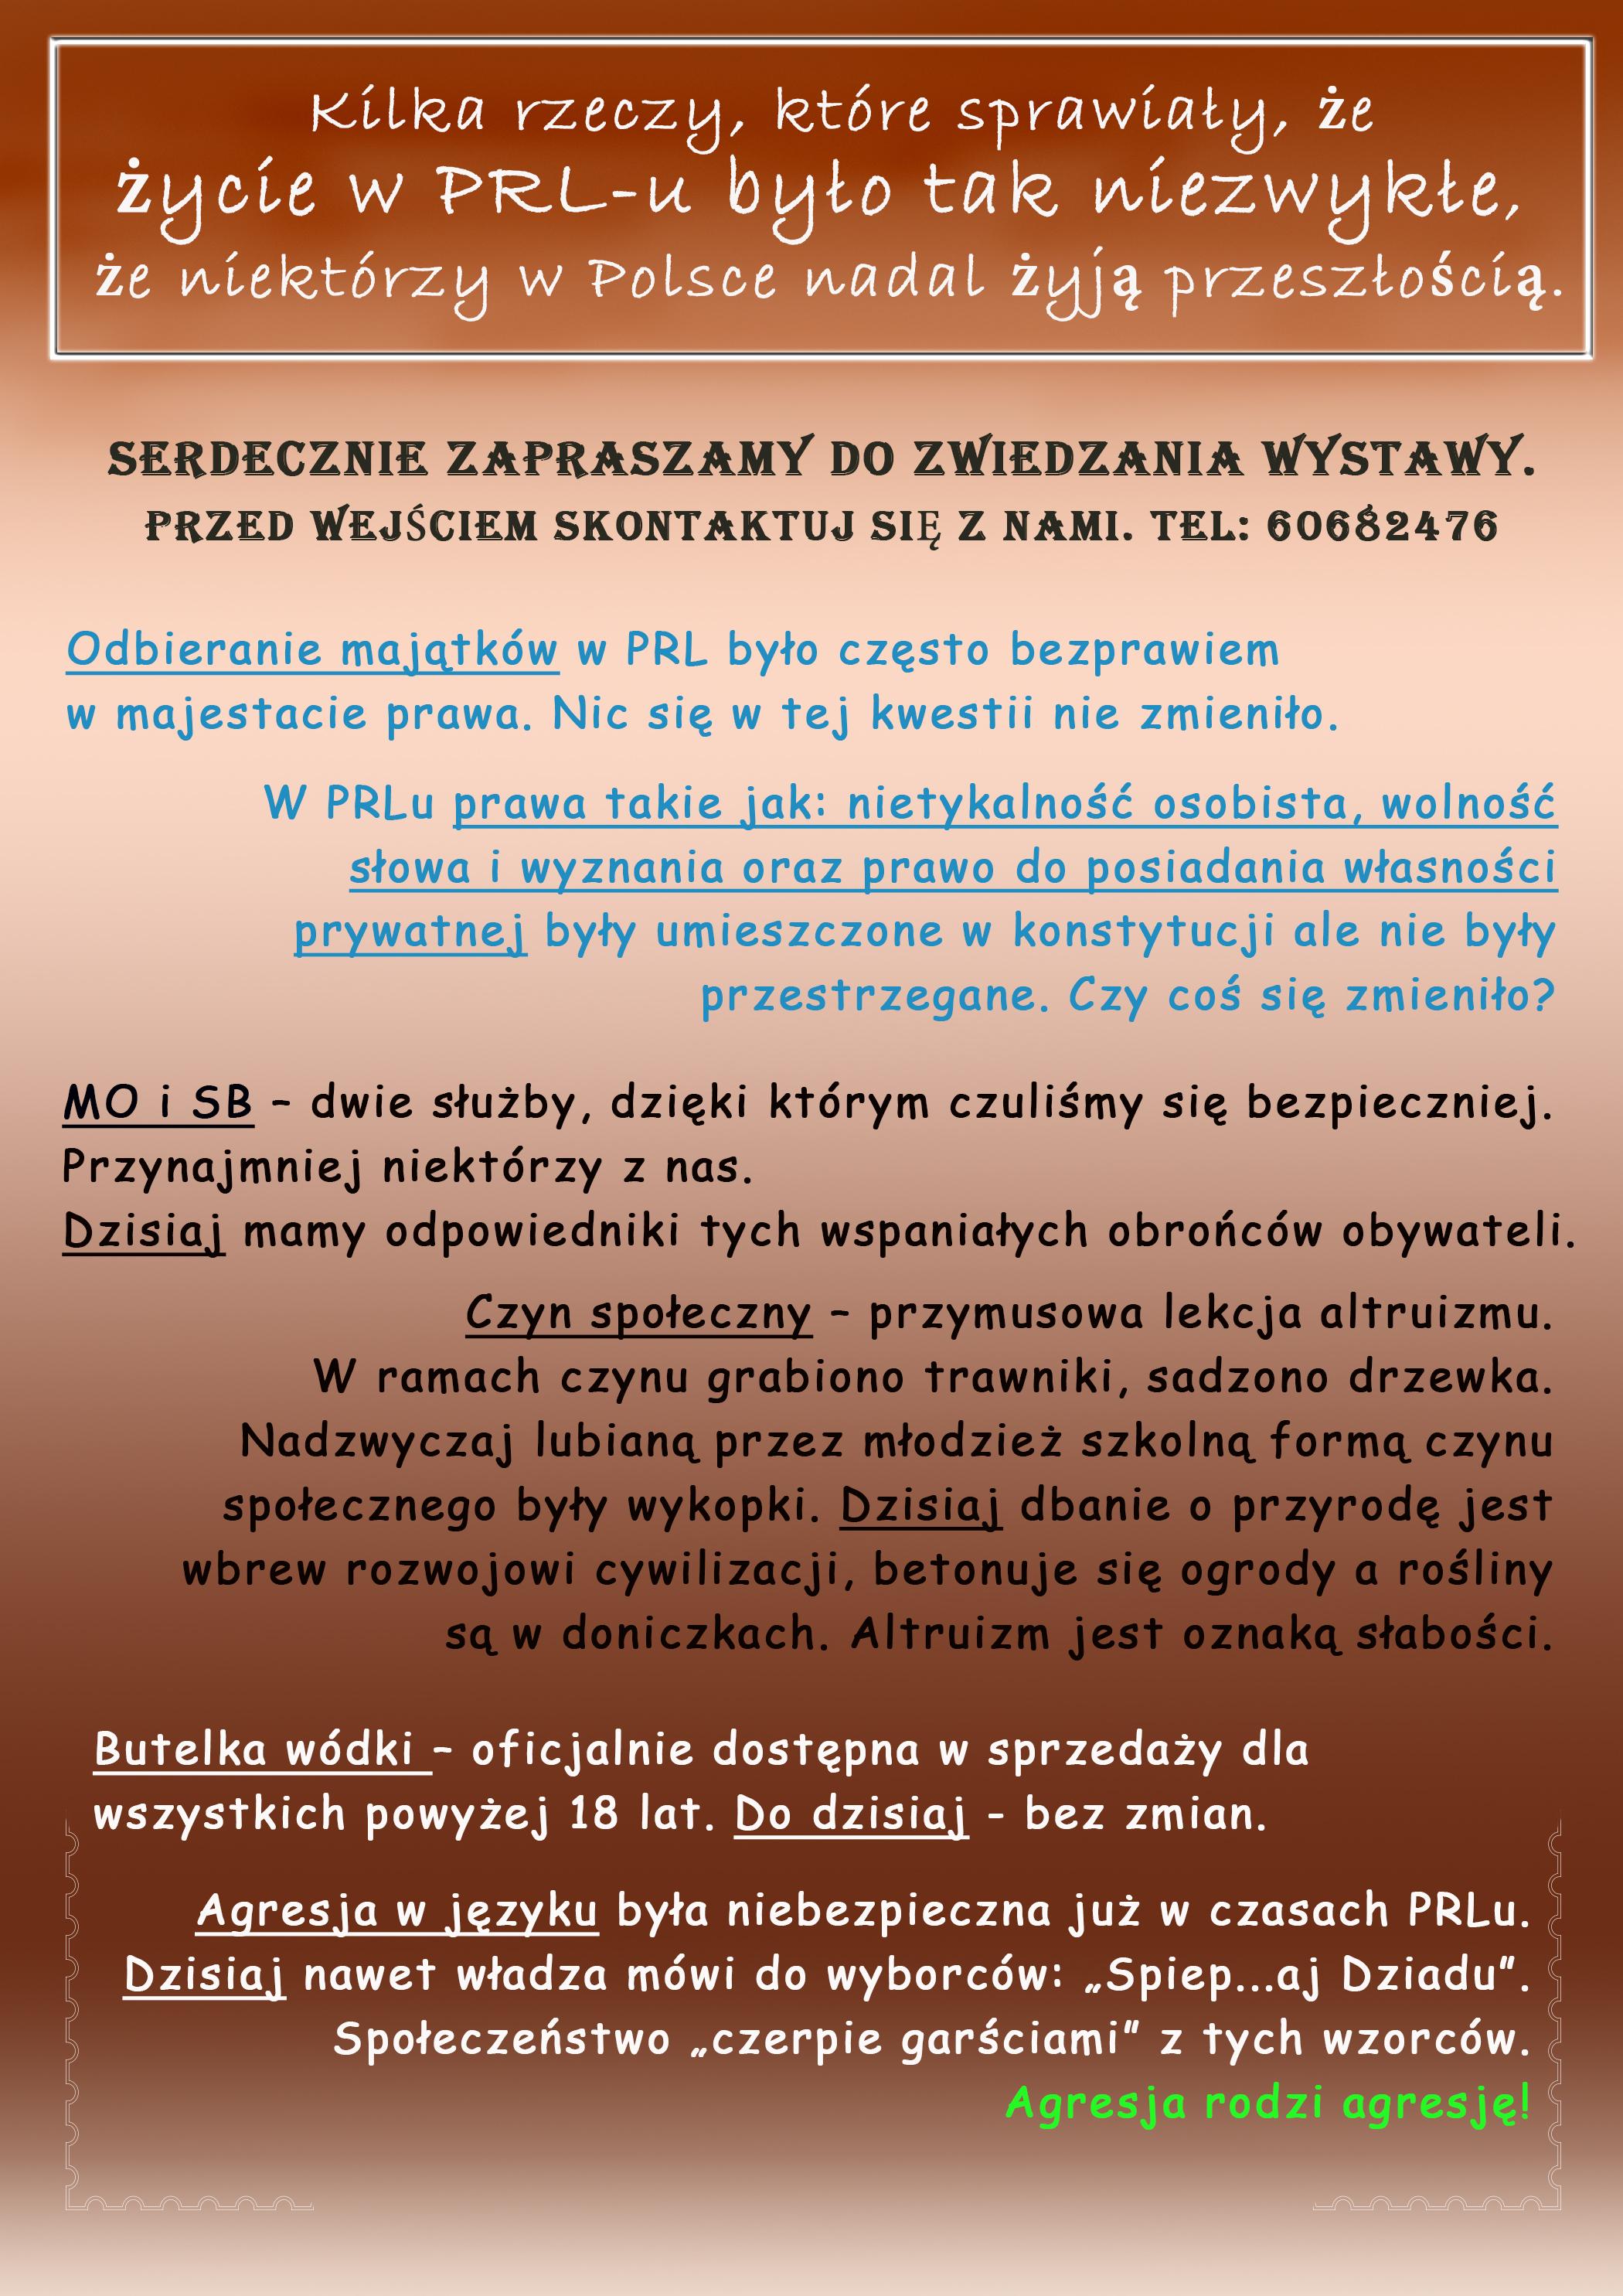 Polski PRL XXI wieku